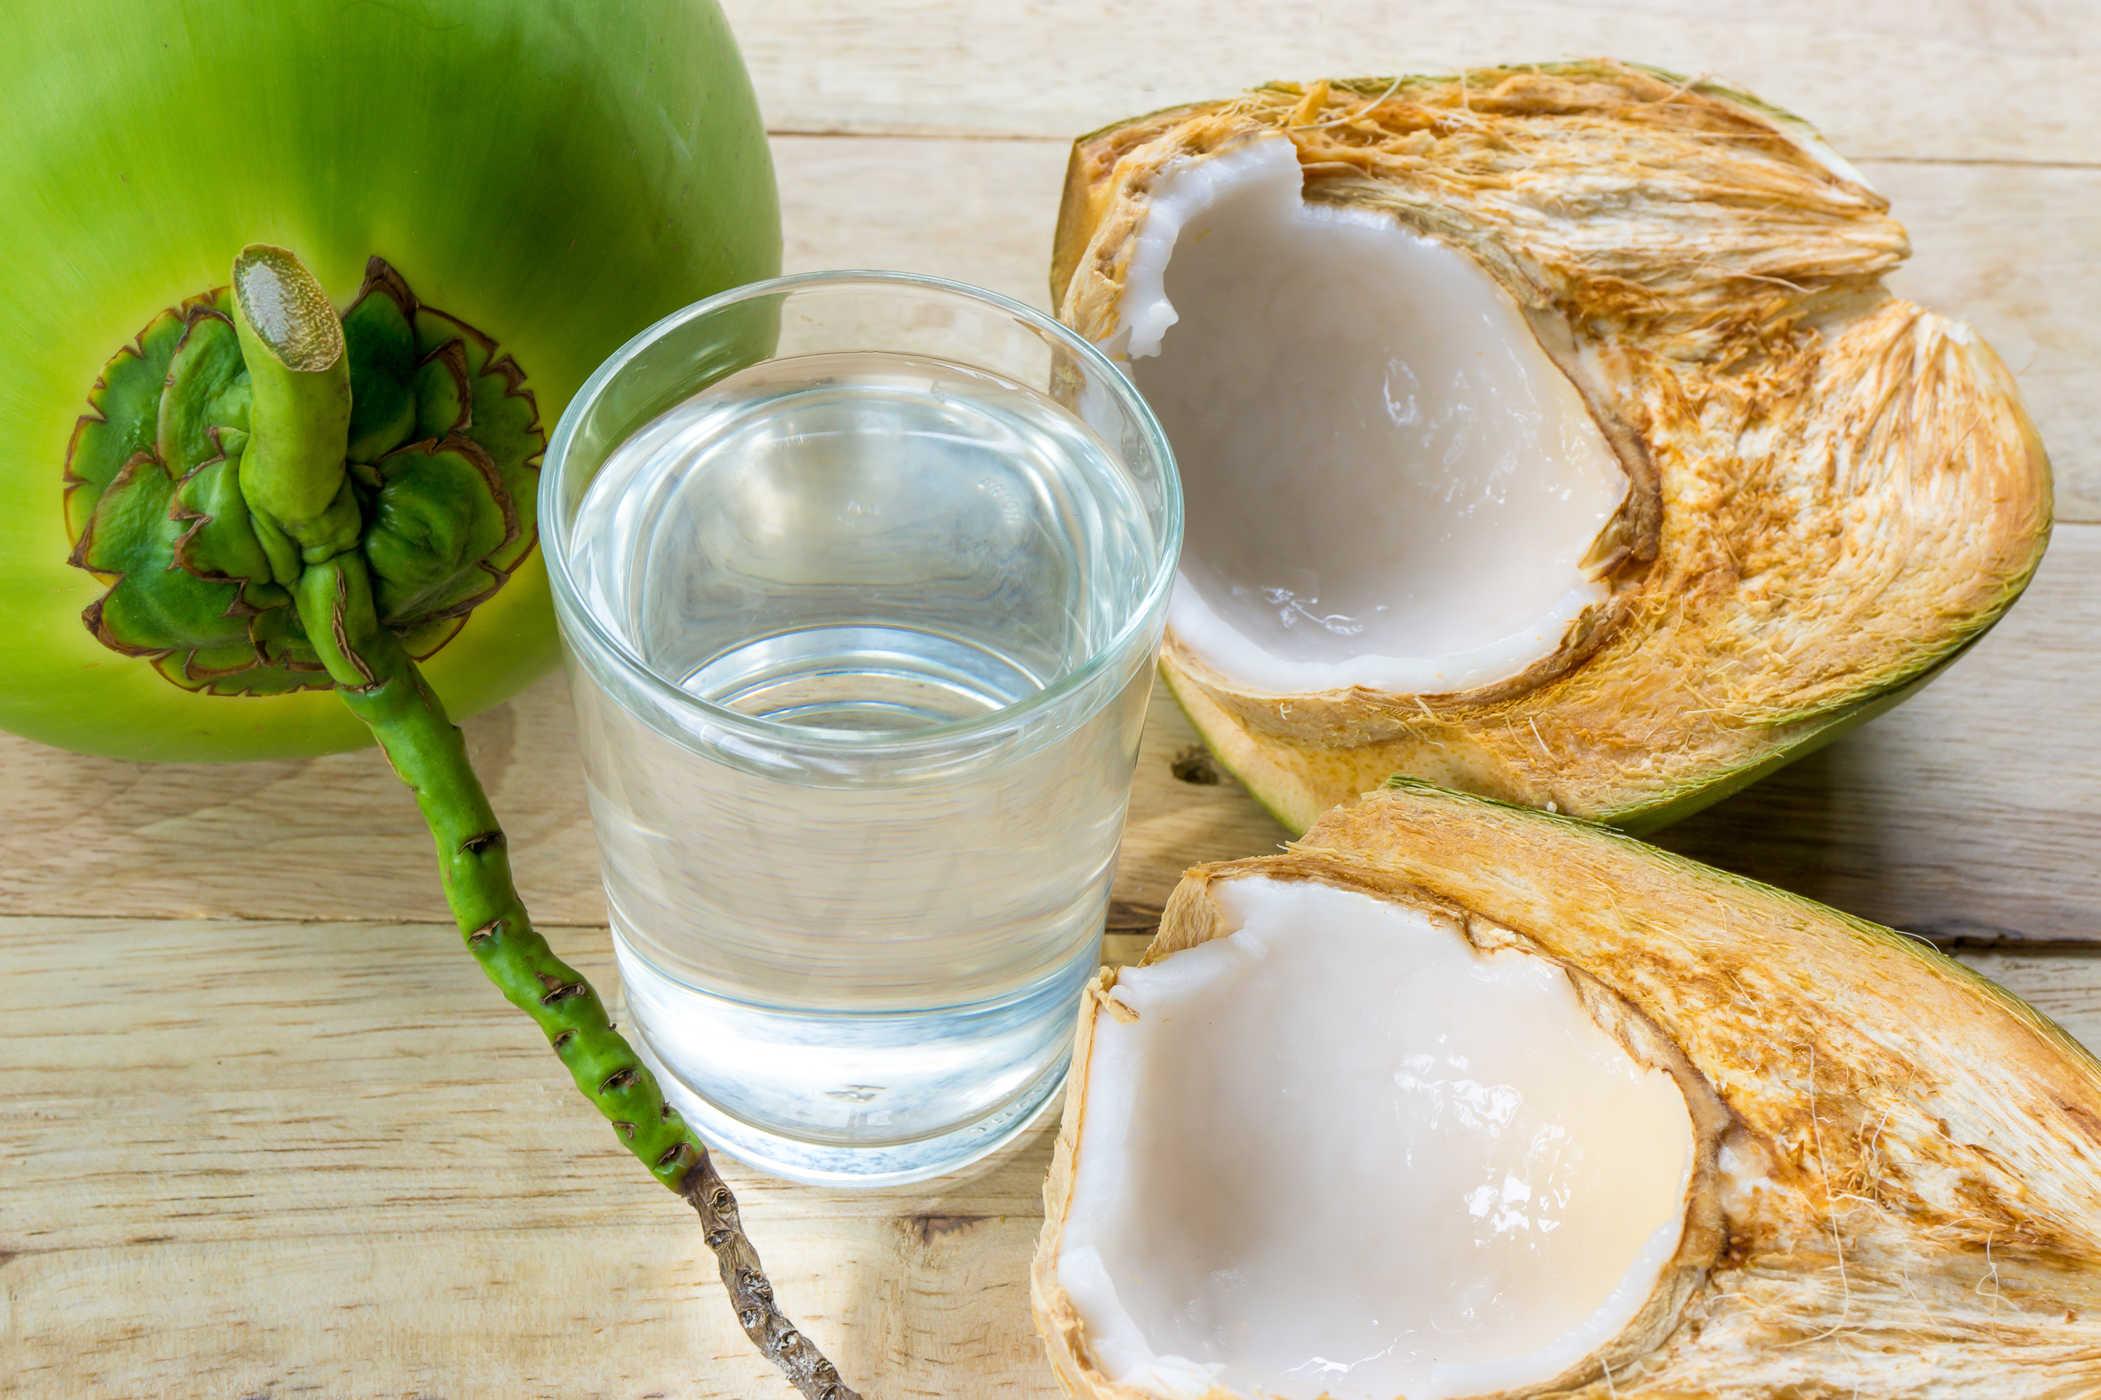 Buổi sáng là thời điểm tuyệt vời để thưởng thức nước dừa